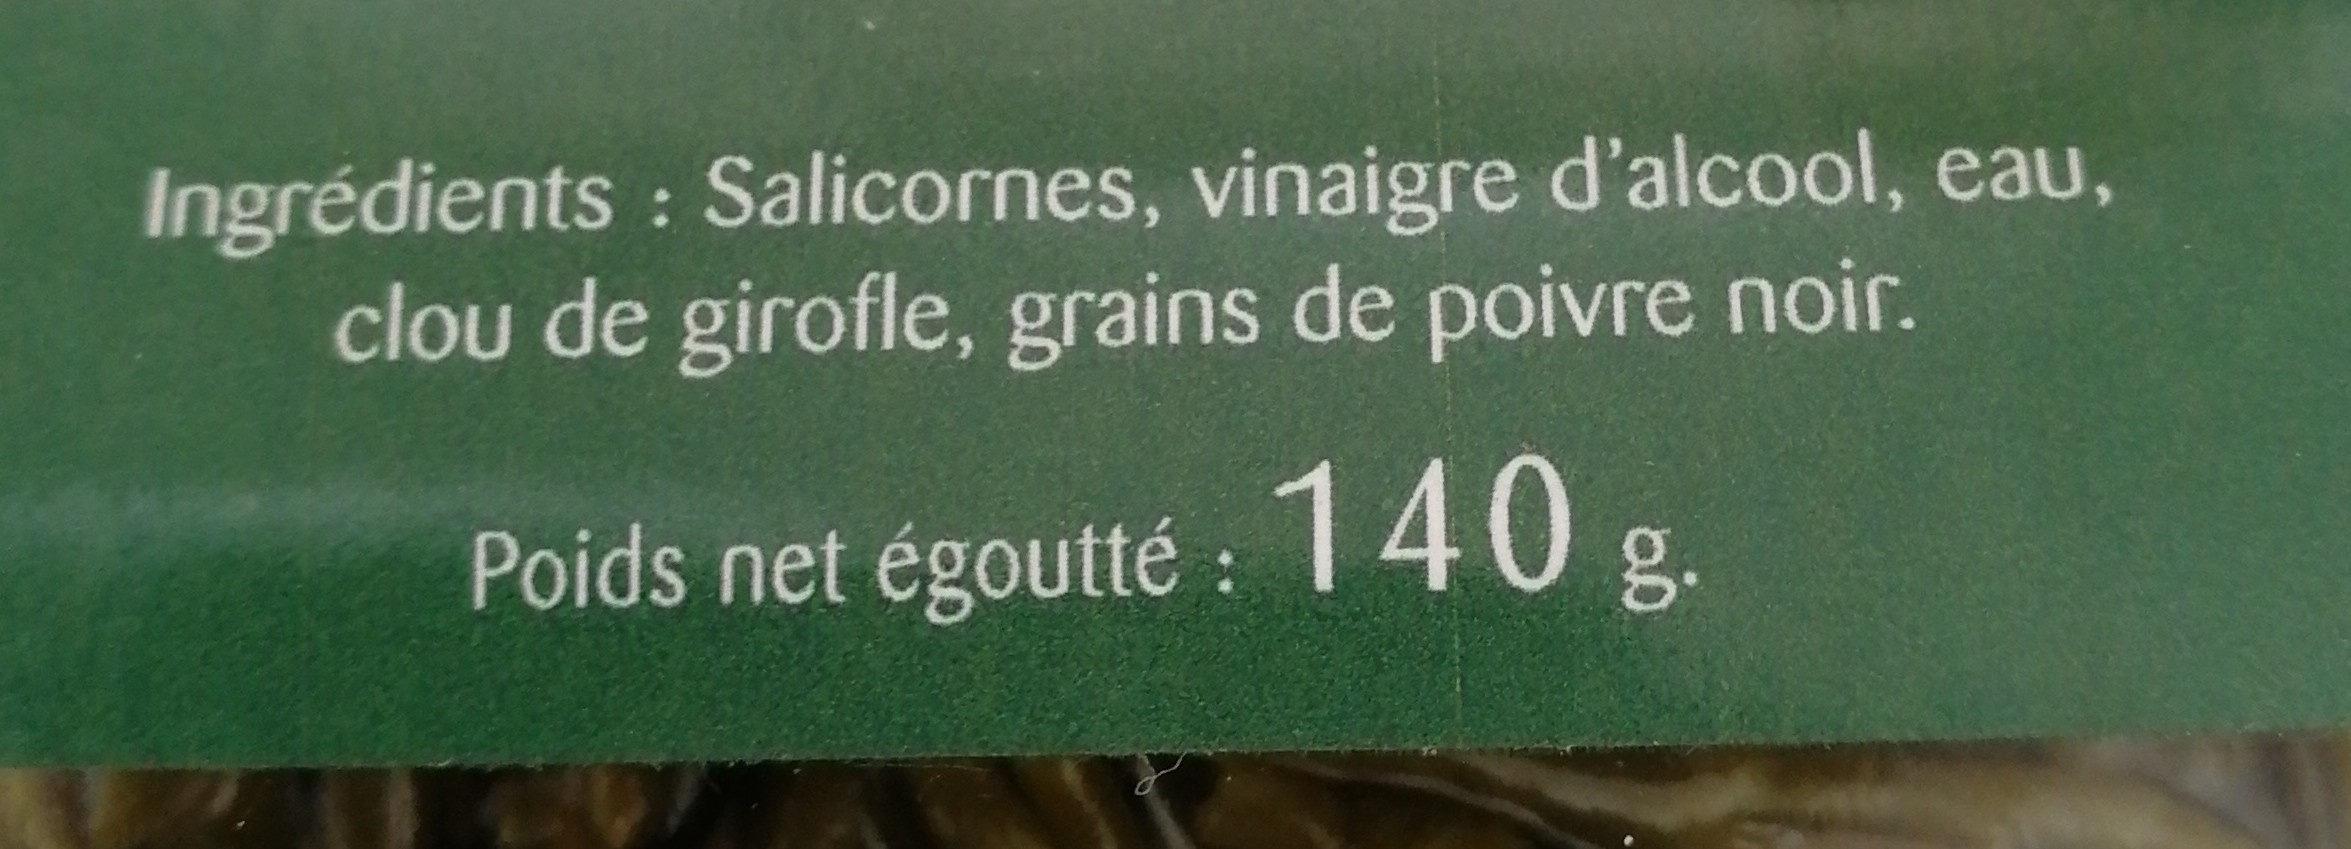 Salicornes de l'île de Noirmoutier marinées - Ingrédients